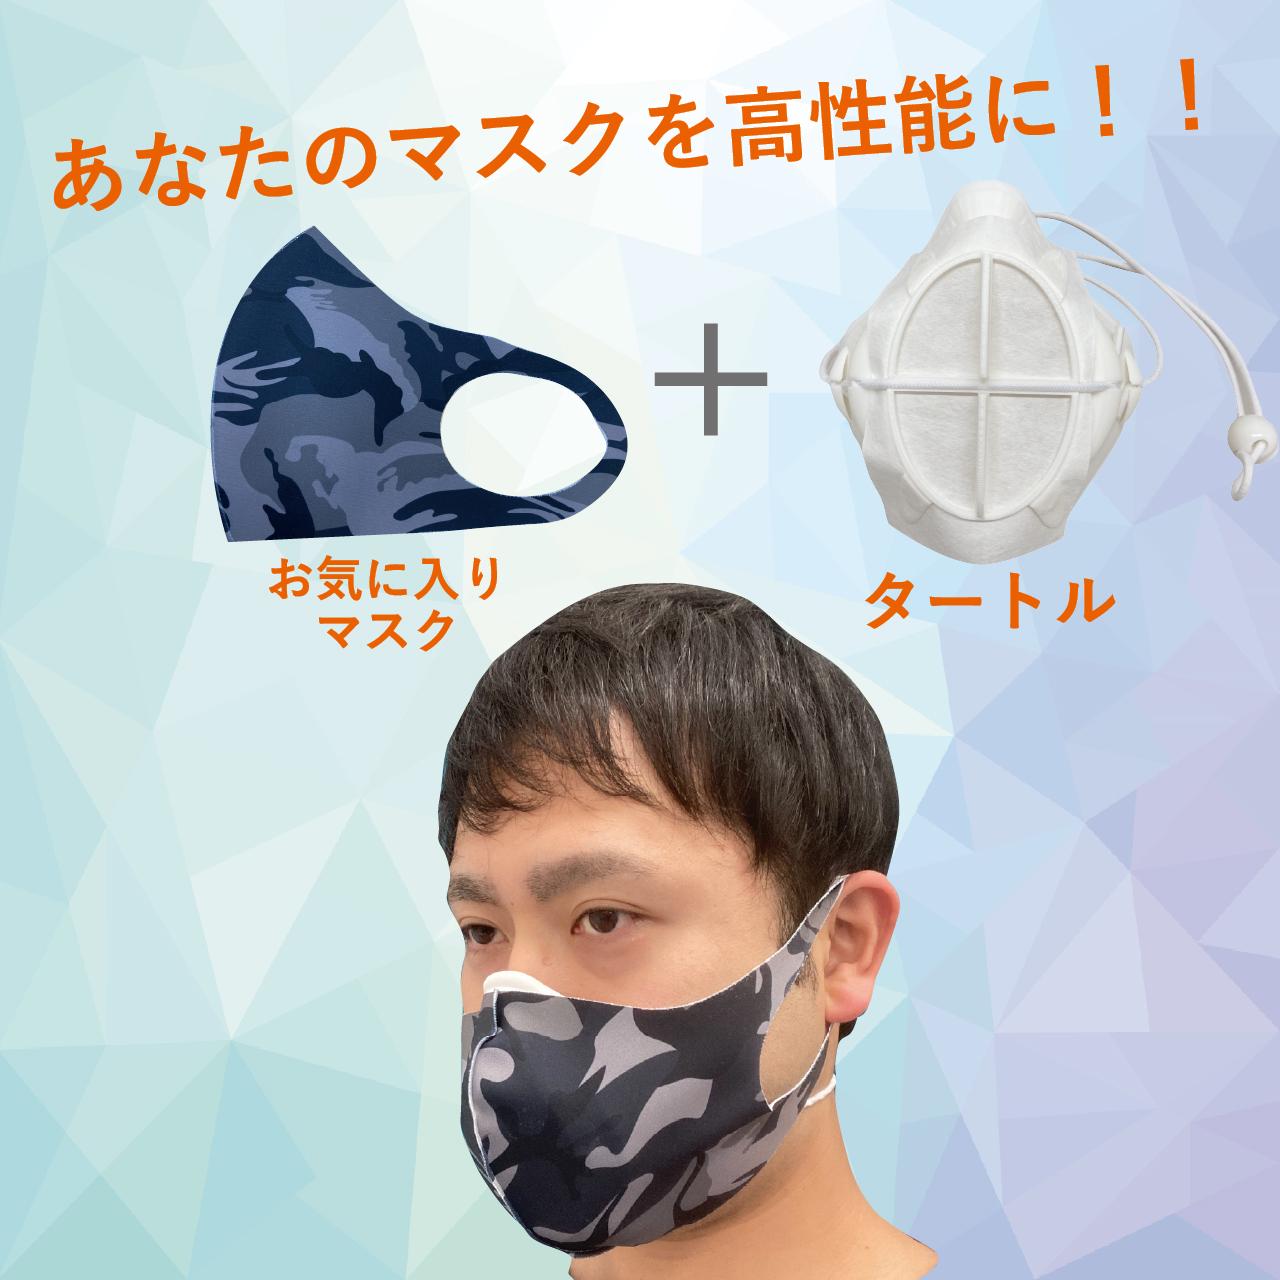 マスク 性能 比較